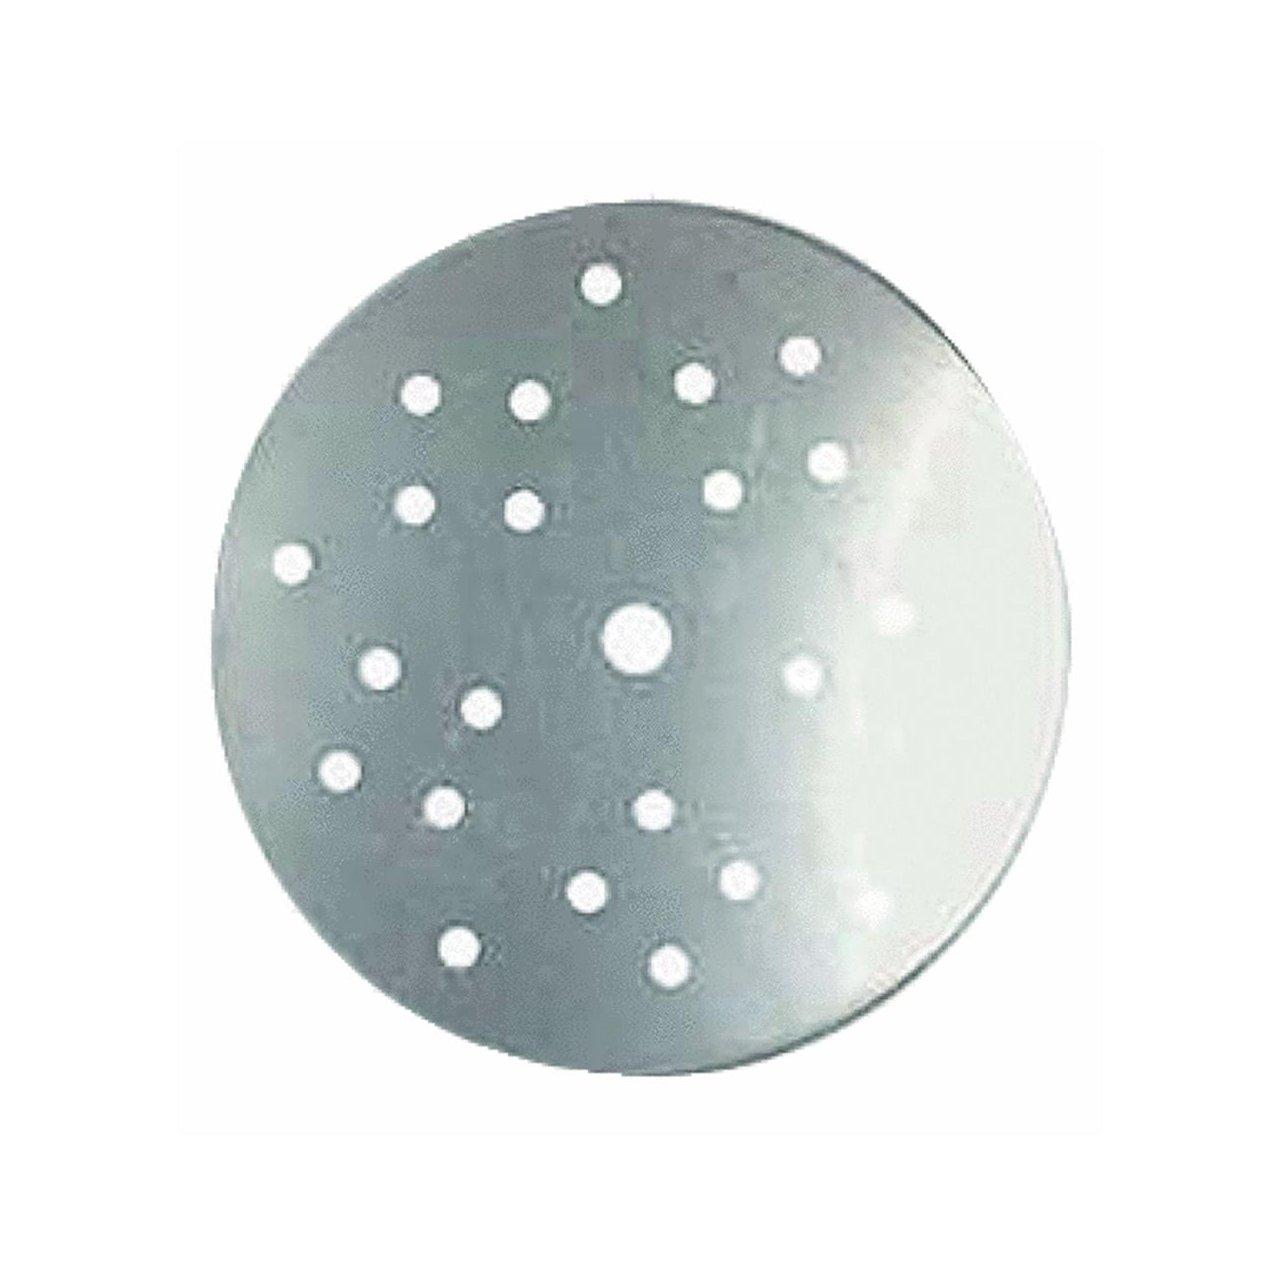 Presto 85341 Pressure Cooker Canning Rack, Aluminum